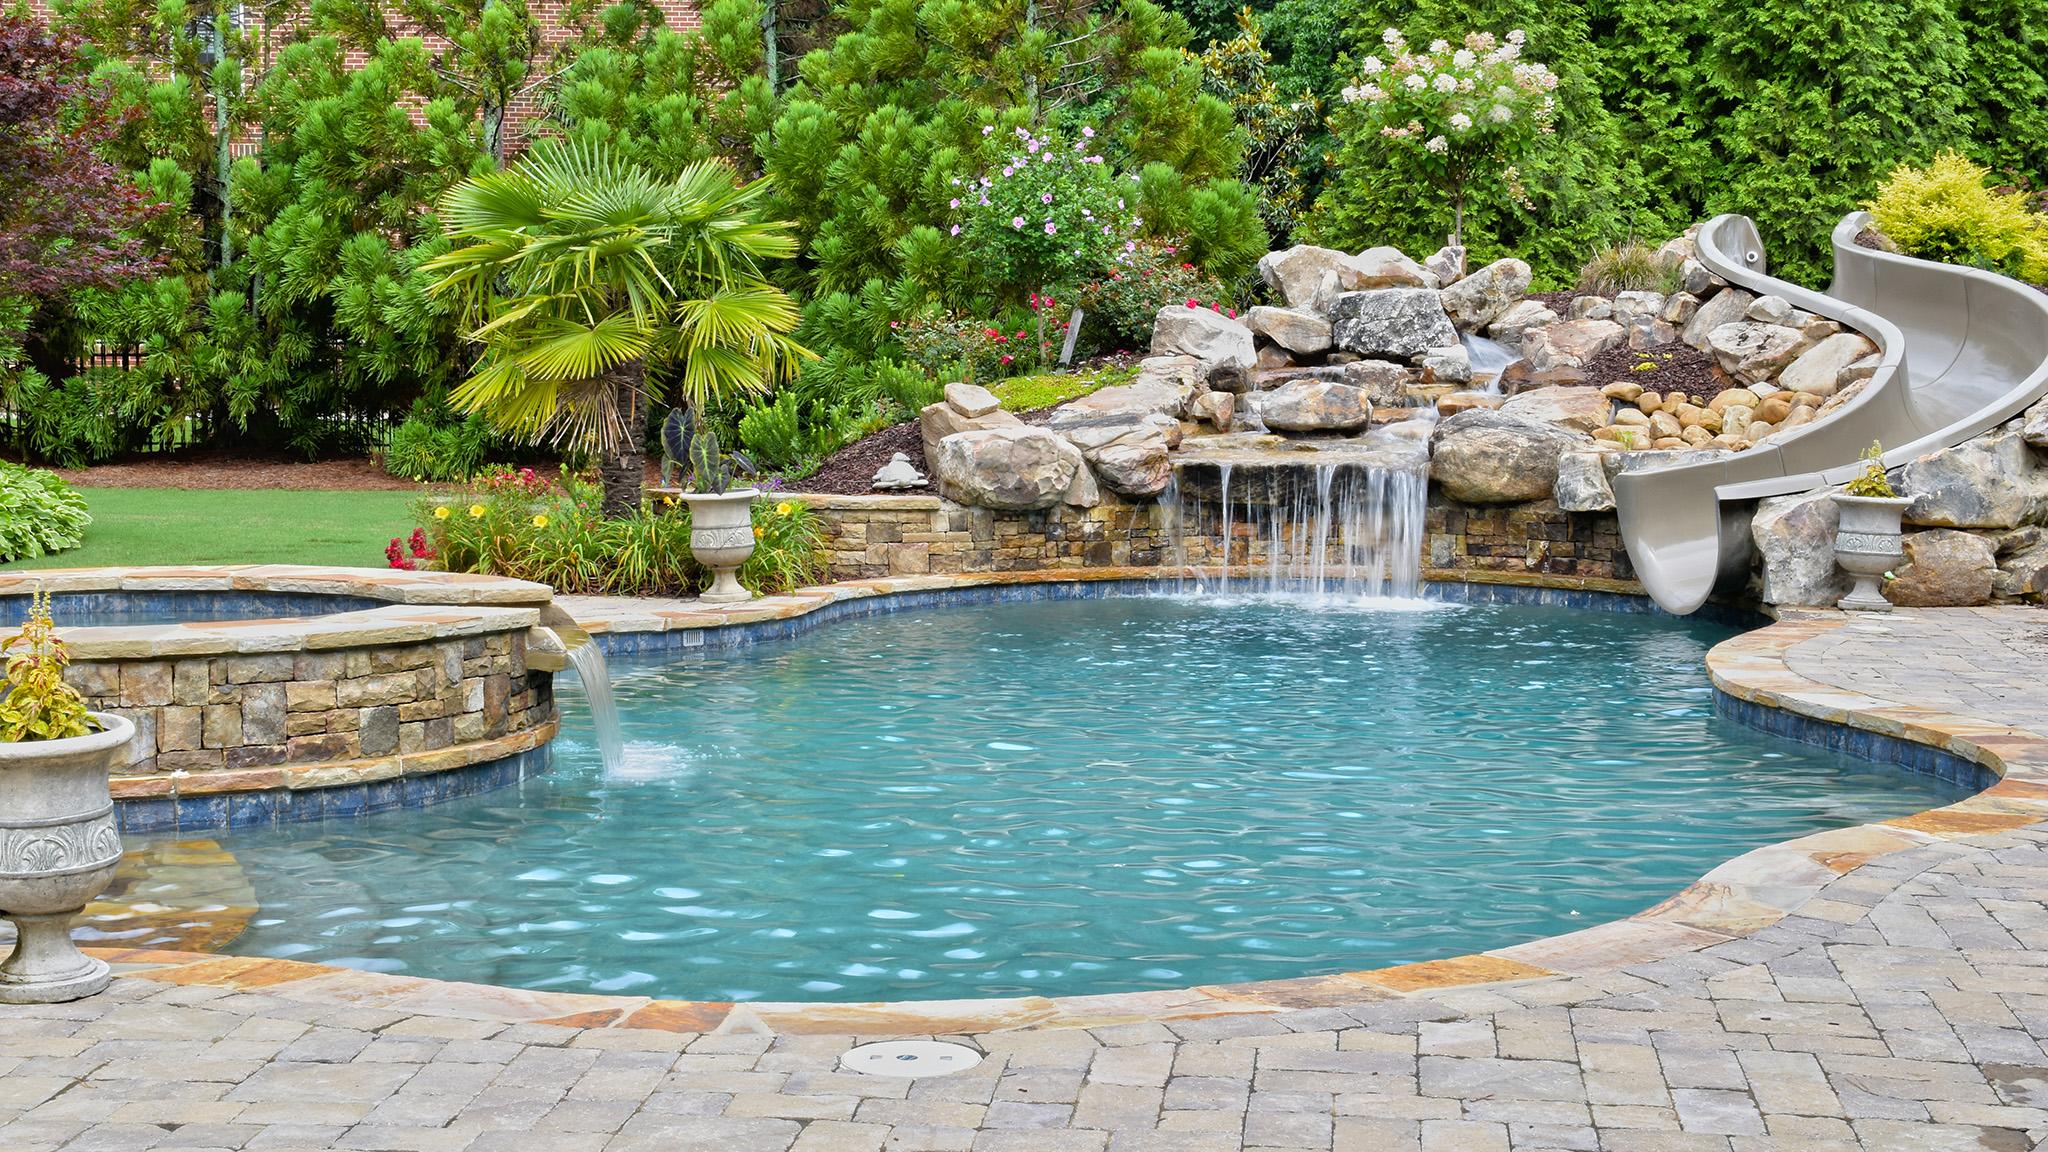 Slides | Aqua Design Pools & Spas, LLC.